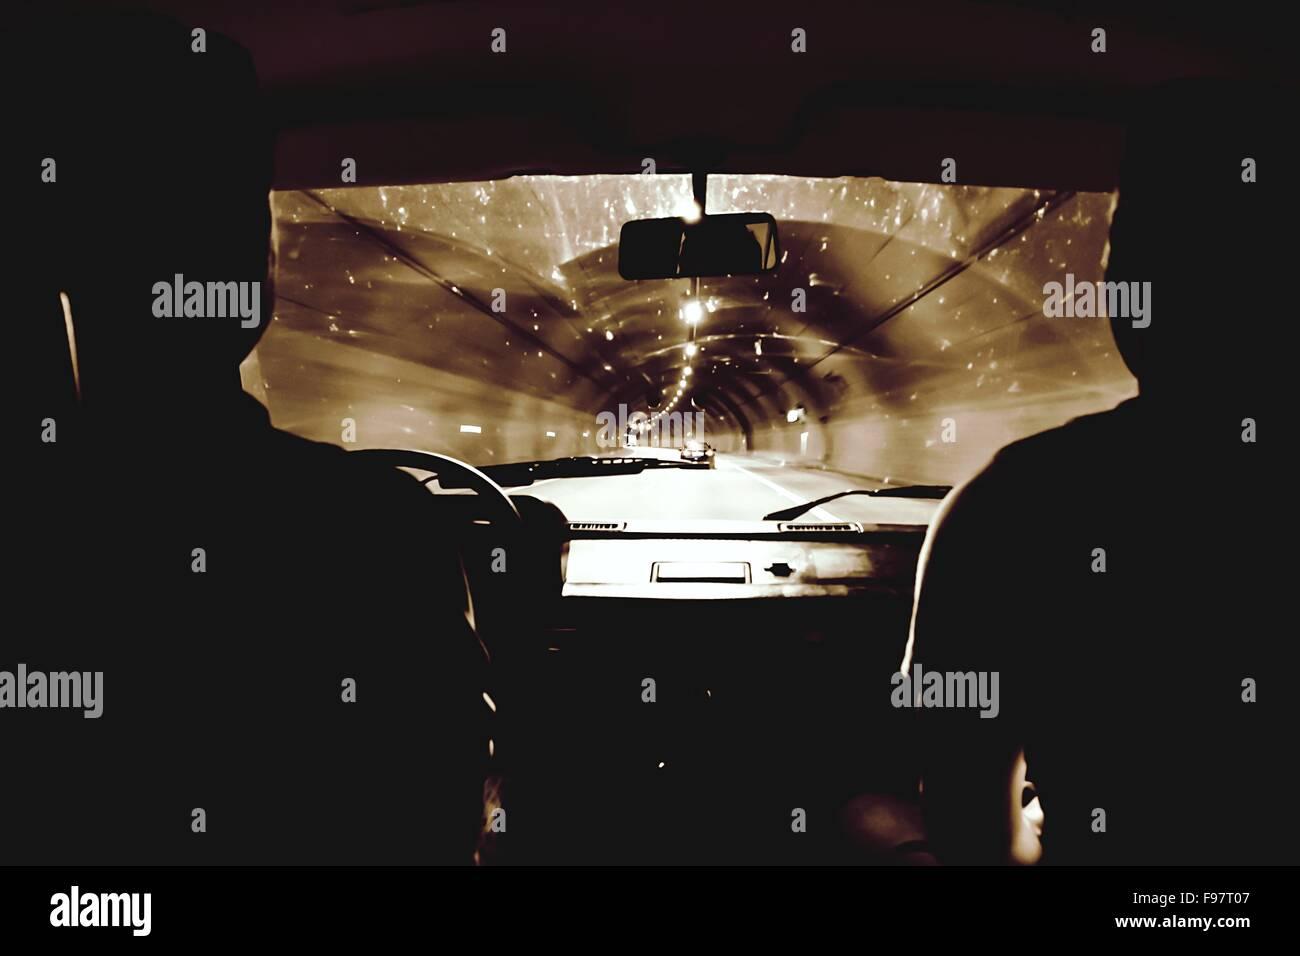 Silueta de personas en Coche en túnel iluminado Imagen De Stock